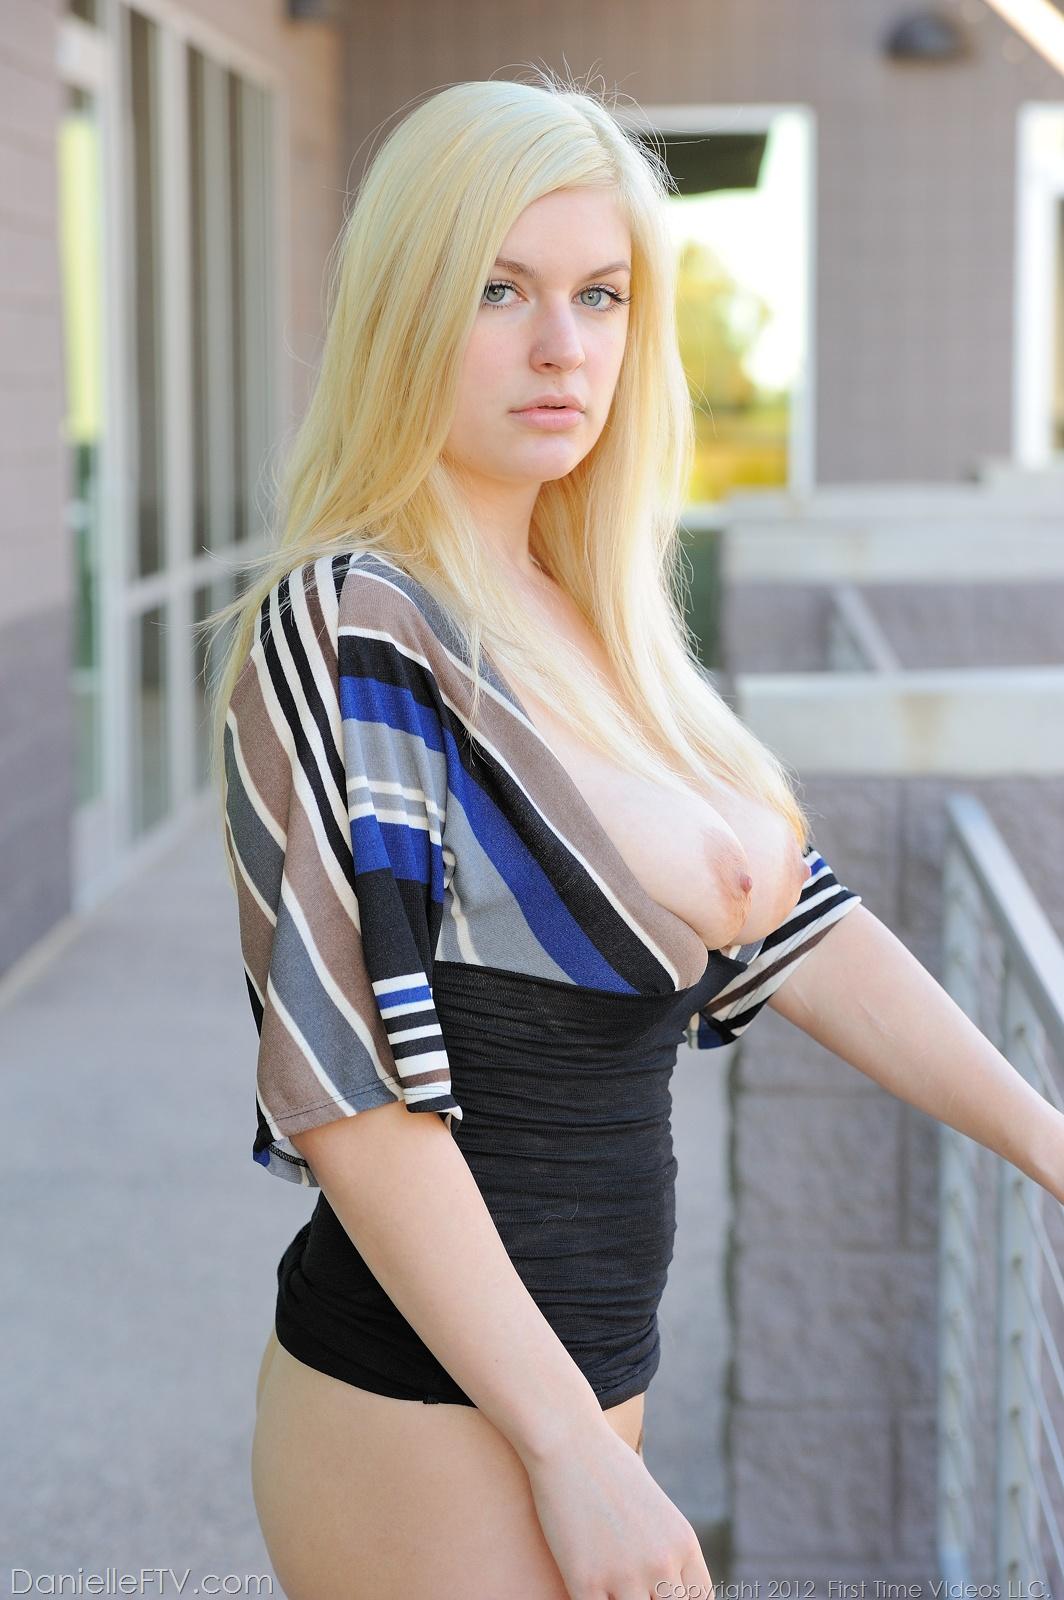 Danielle FTV - Danielle FTV Masturbating Pussy at AmateurIndex.com